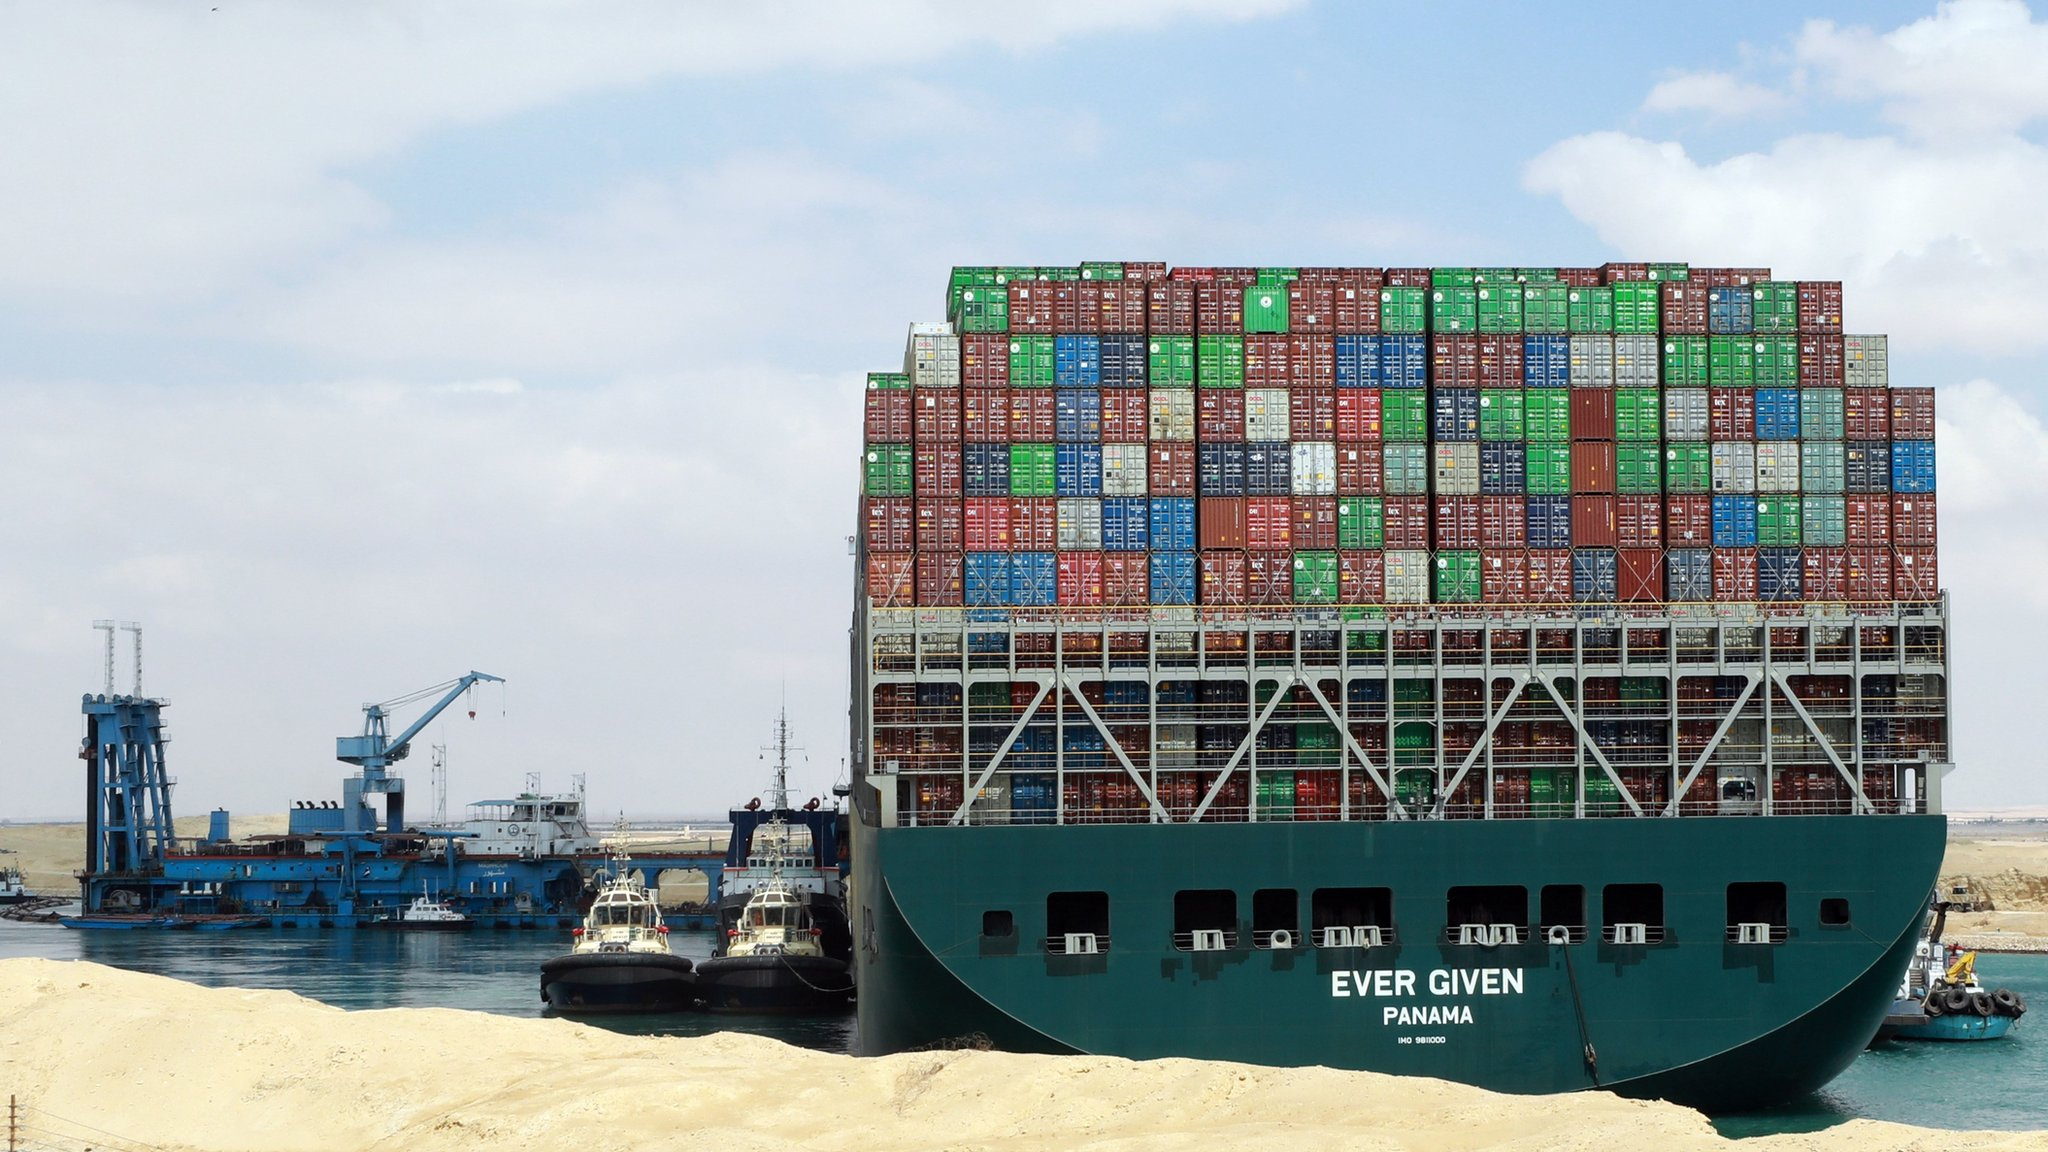 Thủy triều nhen nhóm hy vọng giải thoát siêu tàu mắc cạn ở Suez - Ảnh 1.